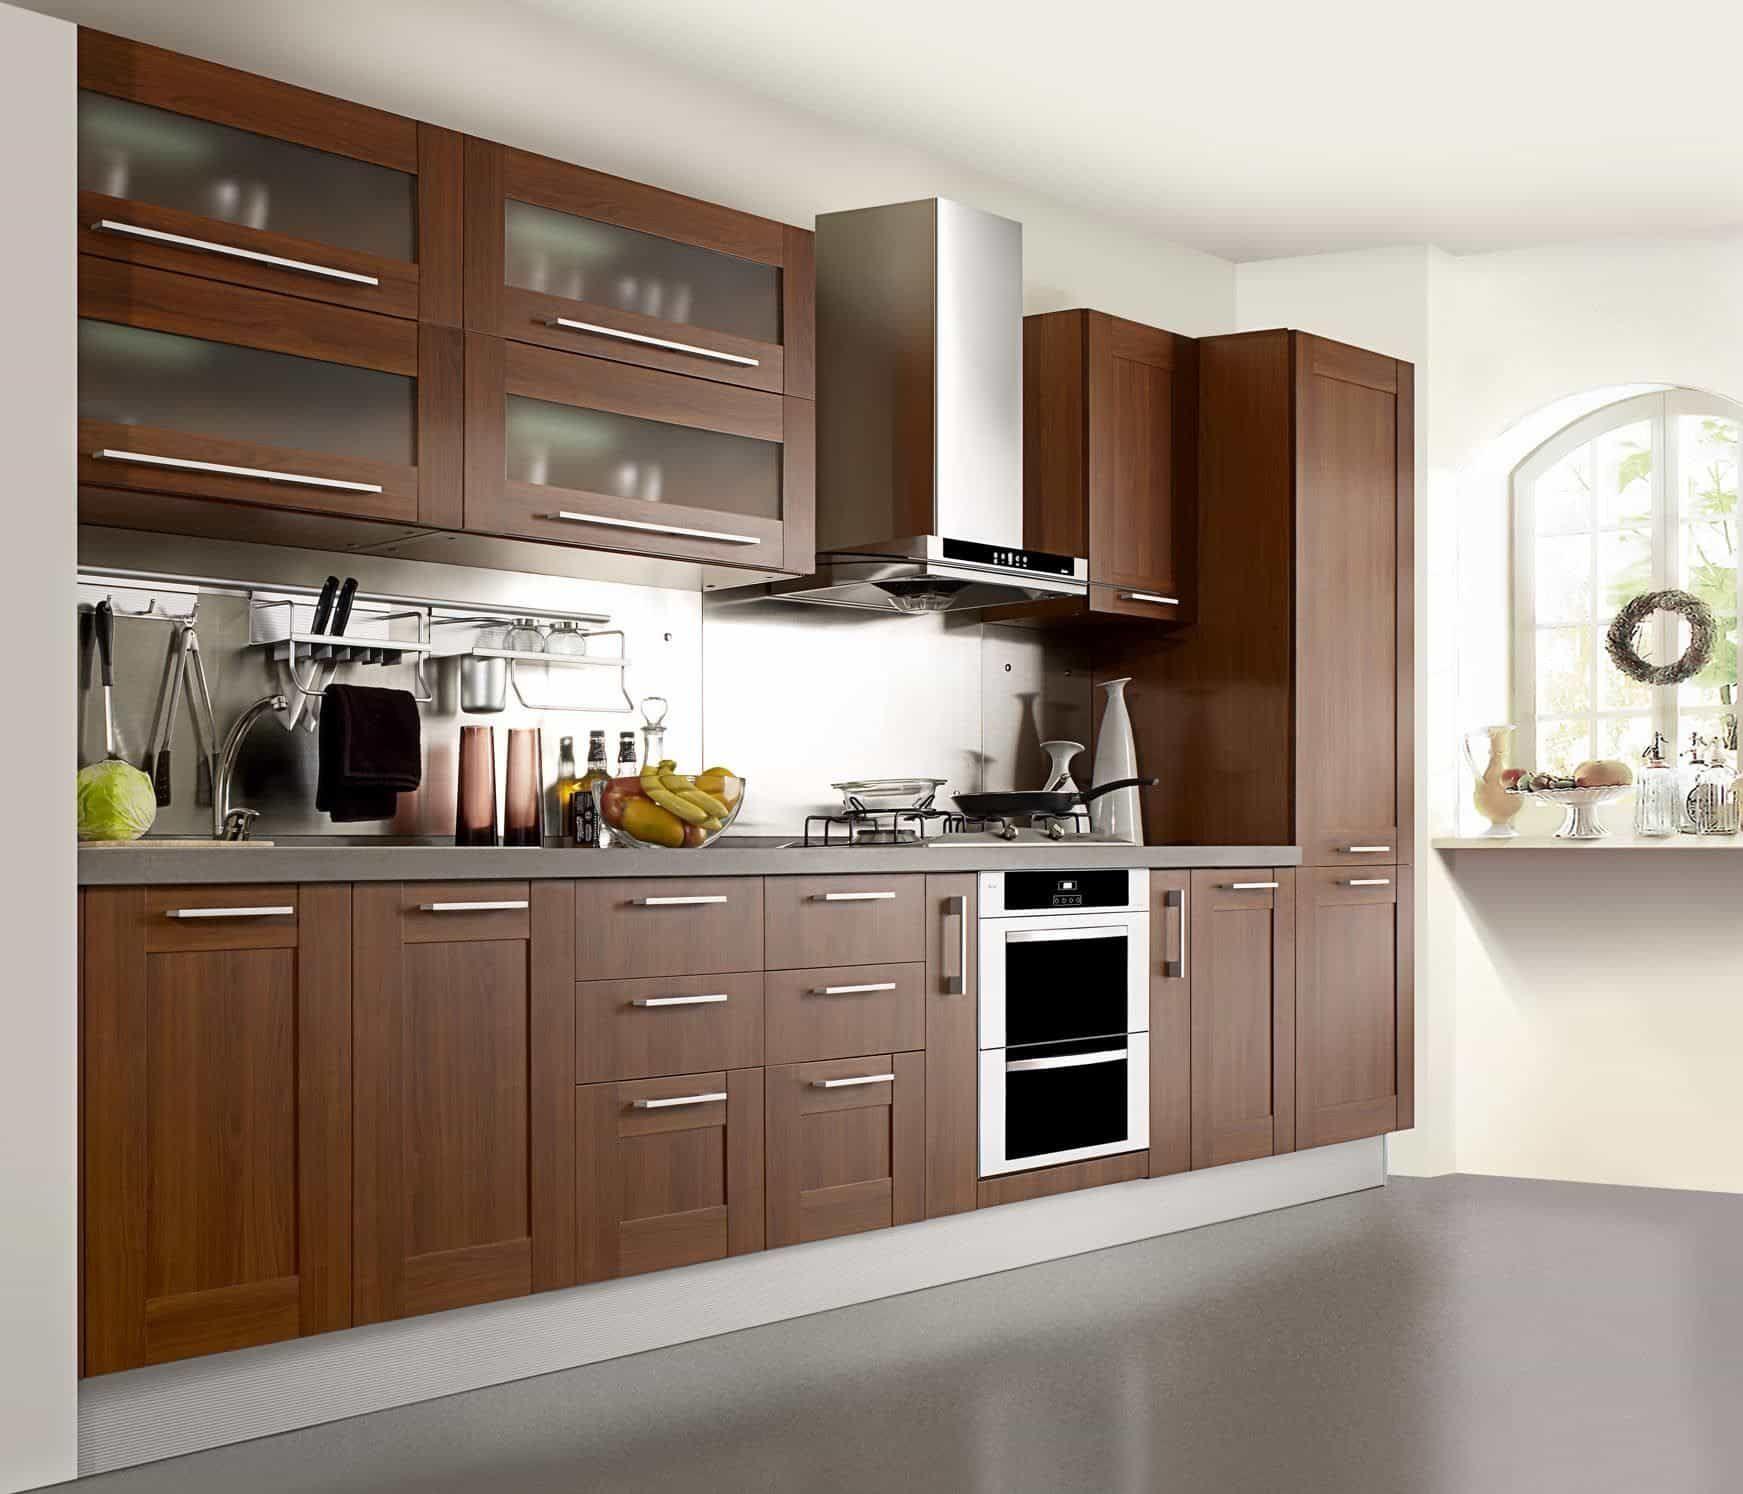 Adorable Wood Veneer Furniture Pieces Kitchen Cabinet Styles European Kitchen Cabinets Kitchen Cabinets European Style